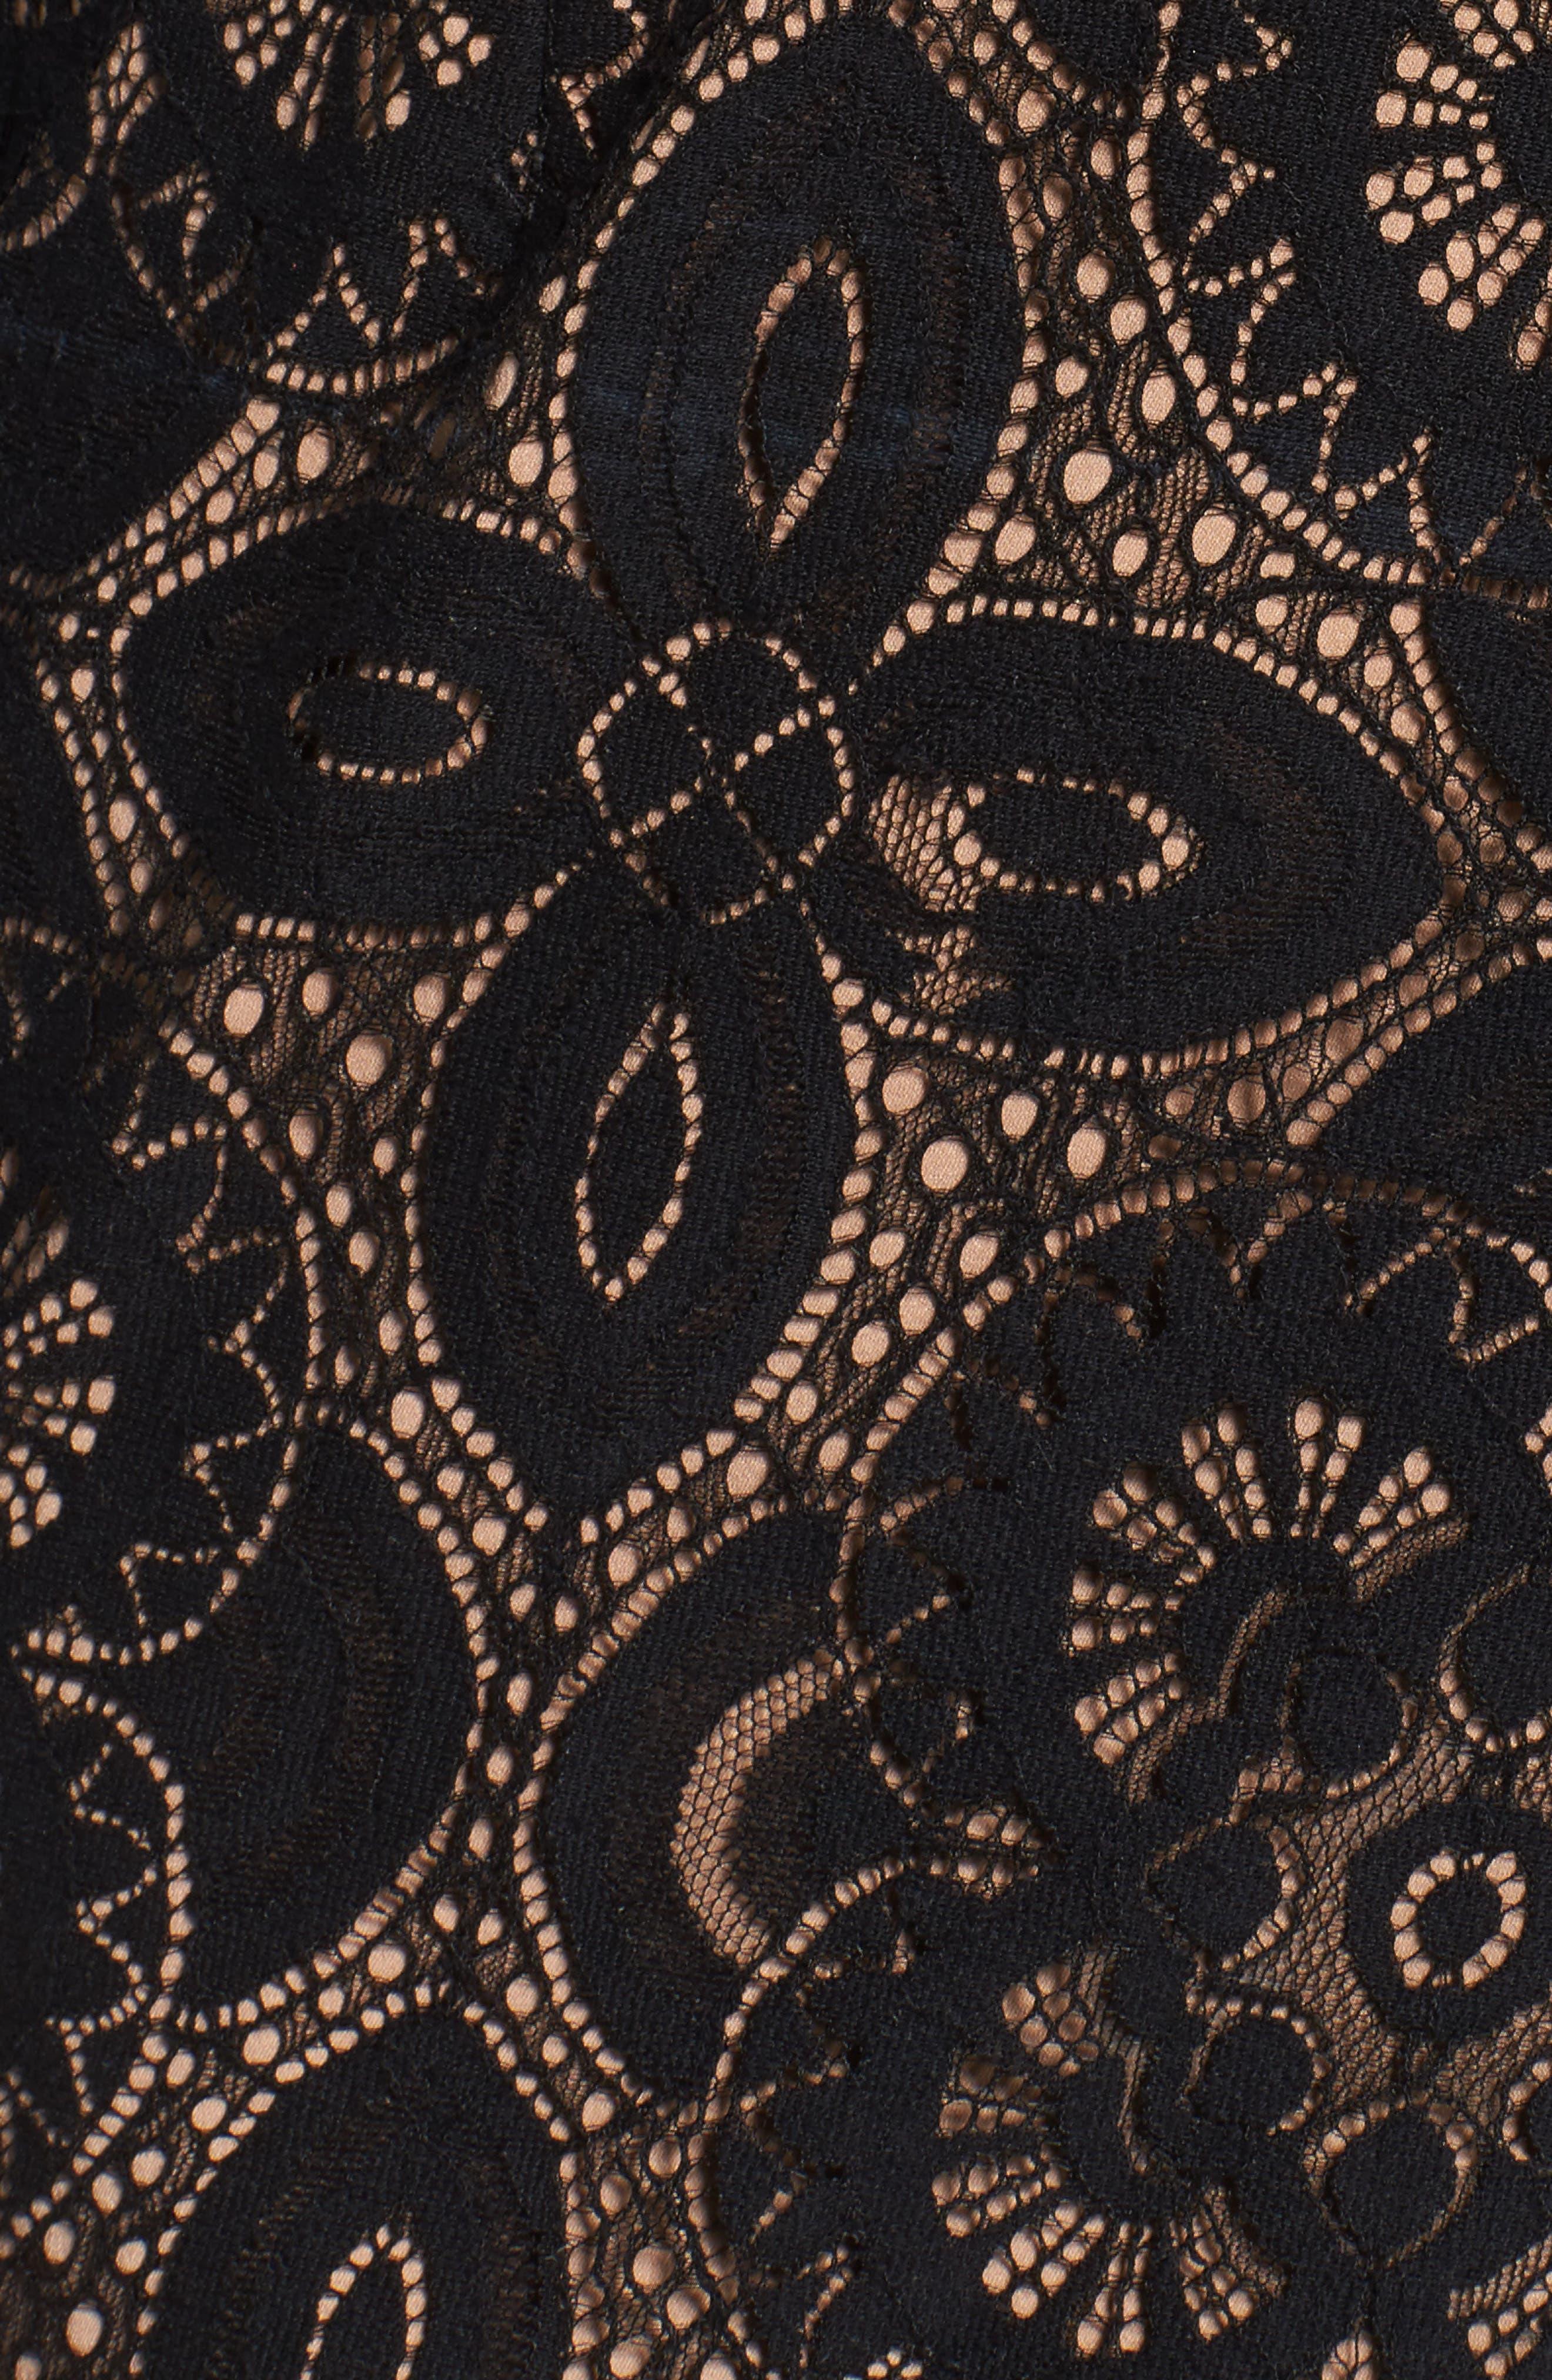 V-Neck Lace Sheath Dress,                             Alternate thumbnail 5, color,                             Black